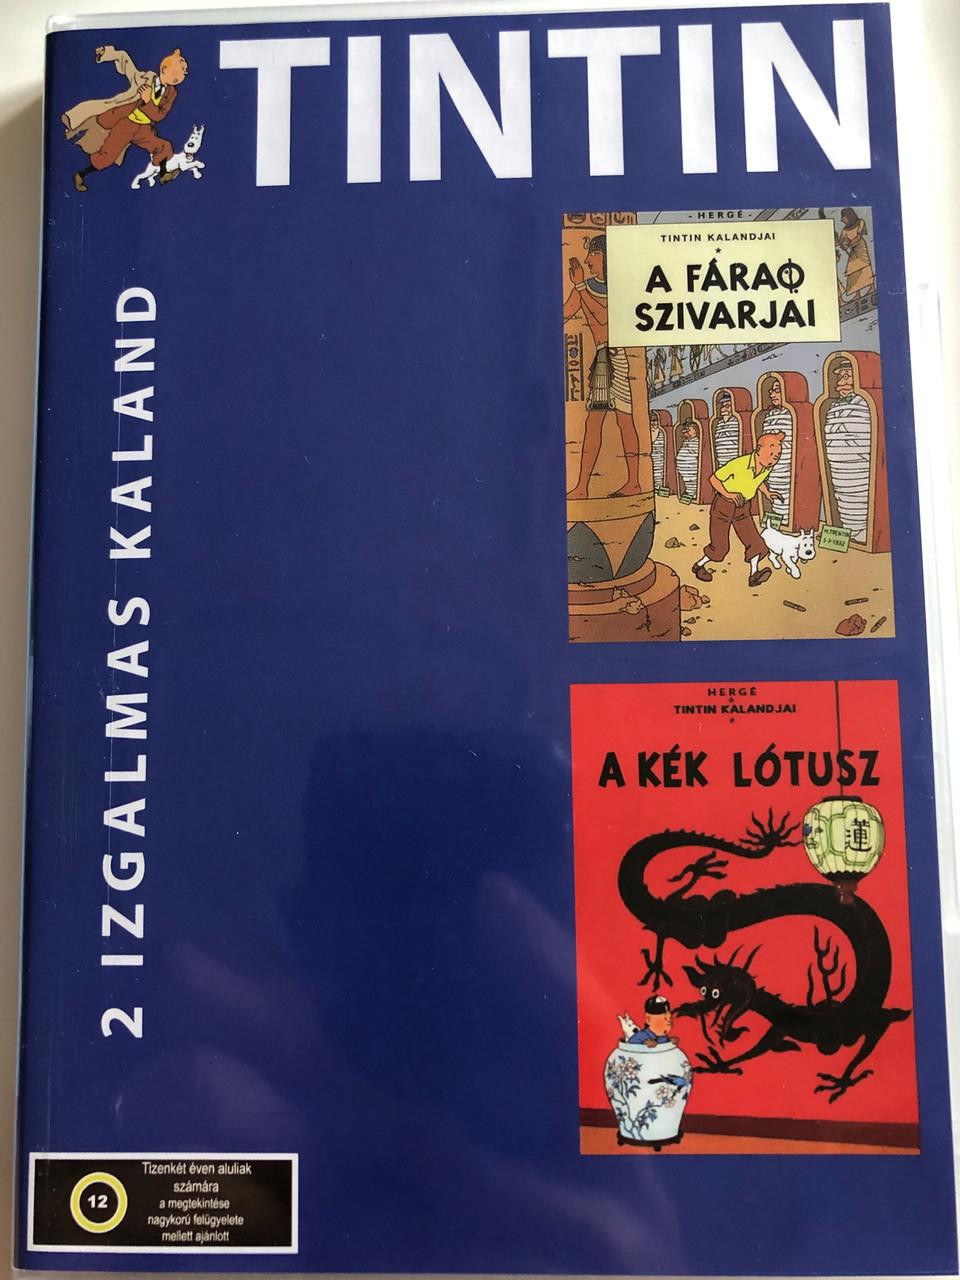 Les Aventures De Tintin 2 : aventures, tintin, Adventures, Tintin, Izgalmas, Kaland, Exciting, Fáraó, Szivarjai,, Lótusz, Aventures, Bibleinmylanguage